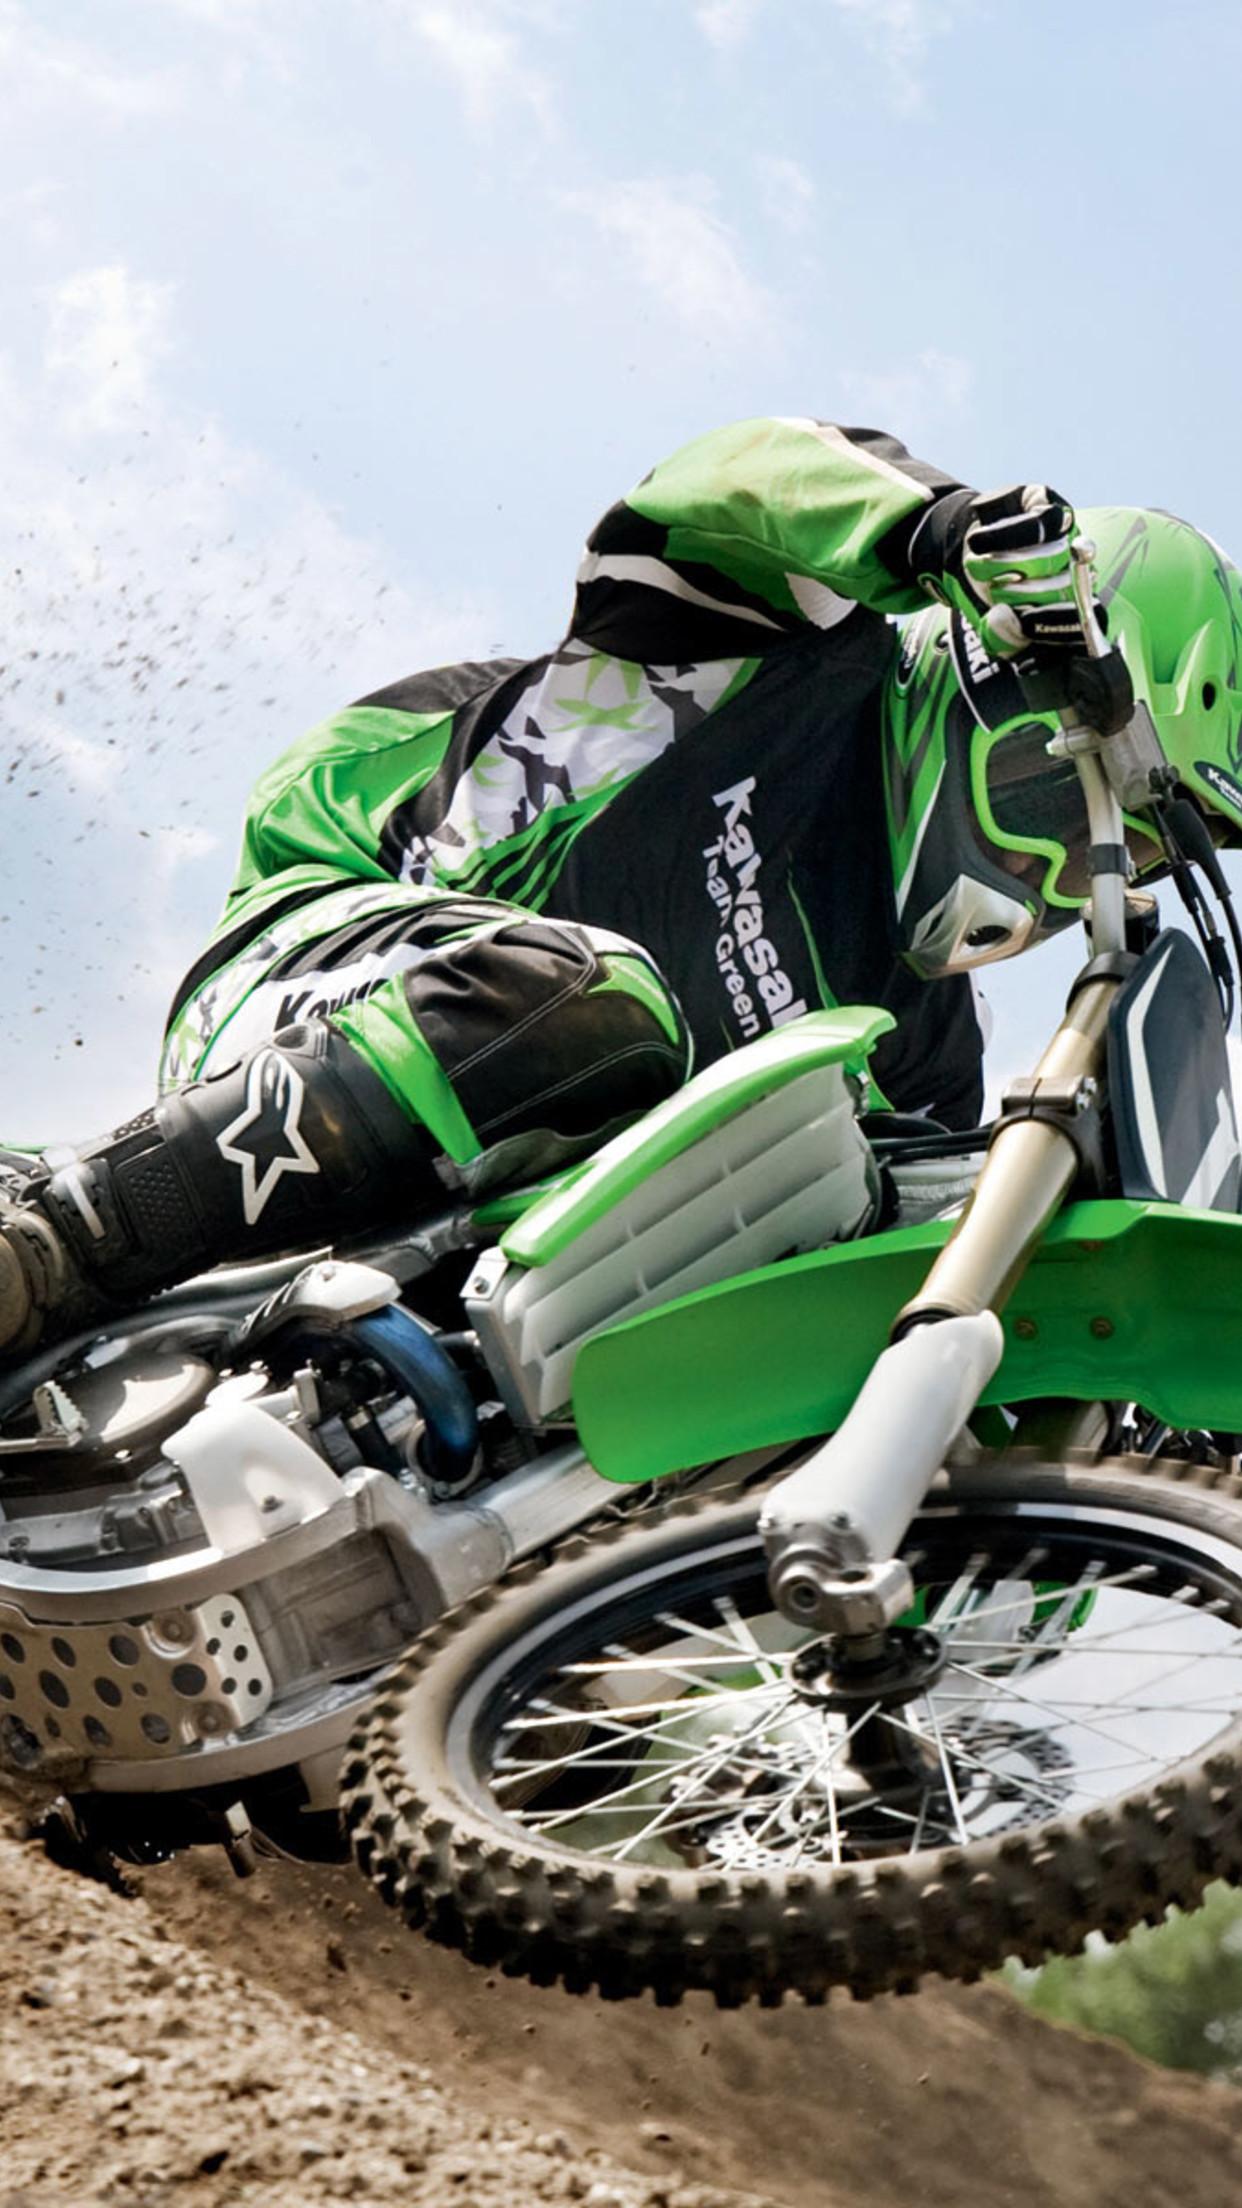 moto kawasaki 3Wallpapers iPhone Parallax Moto Kawasaki